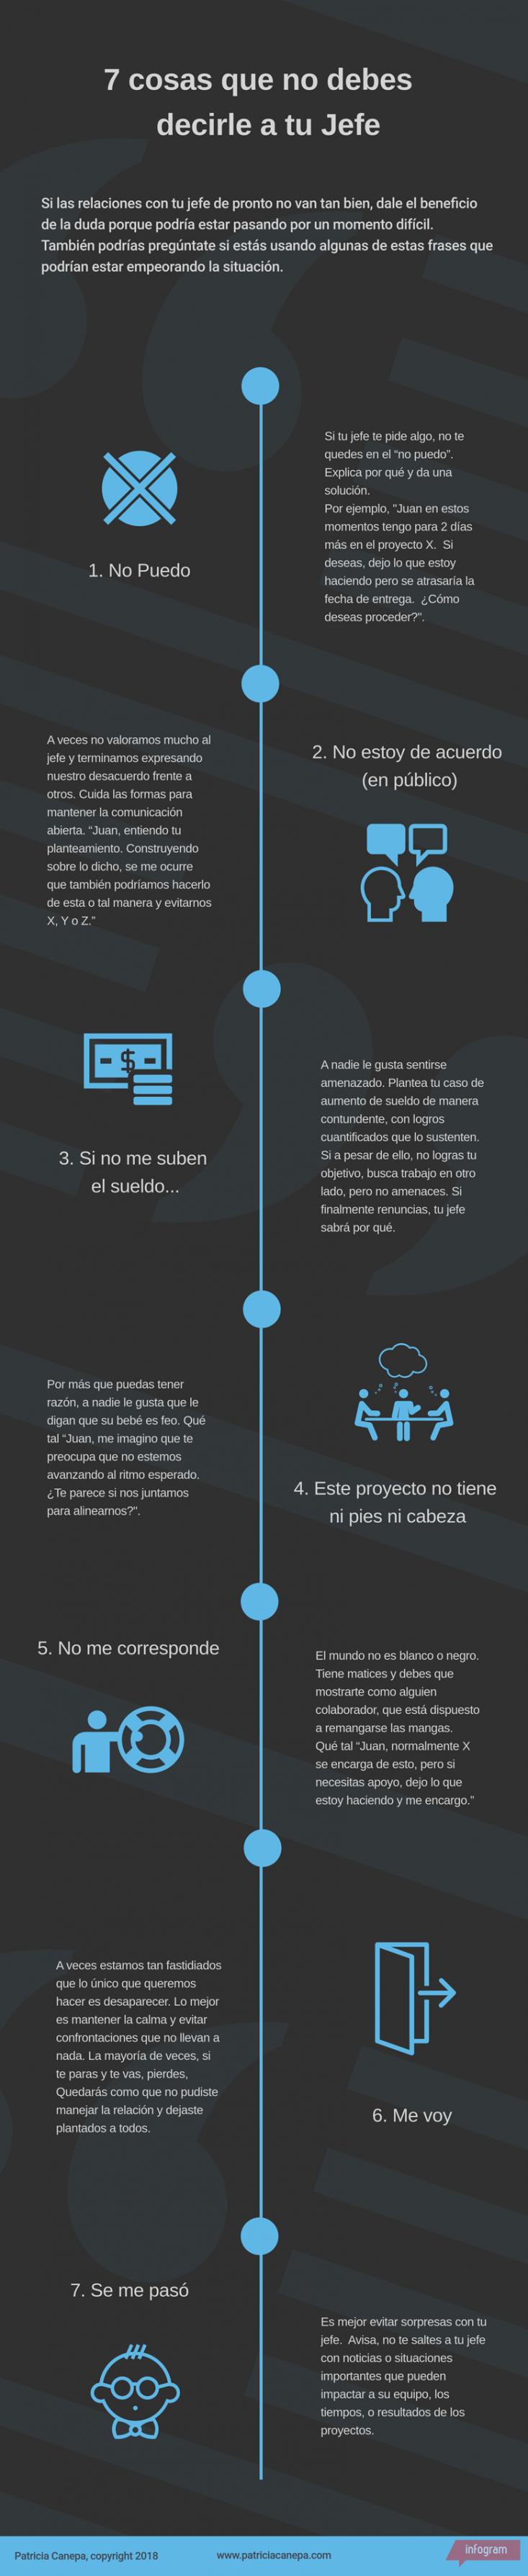 7 cosas que no debes de decir a tu jefe #infografia #infographic #rrhh